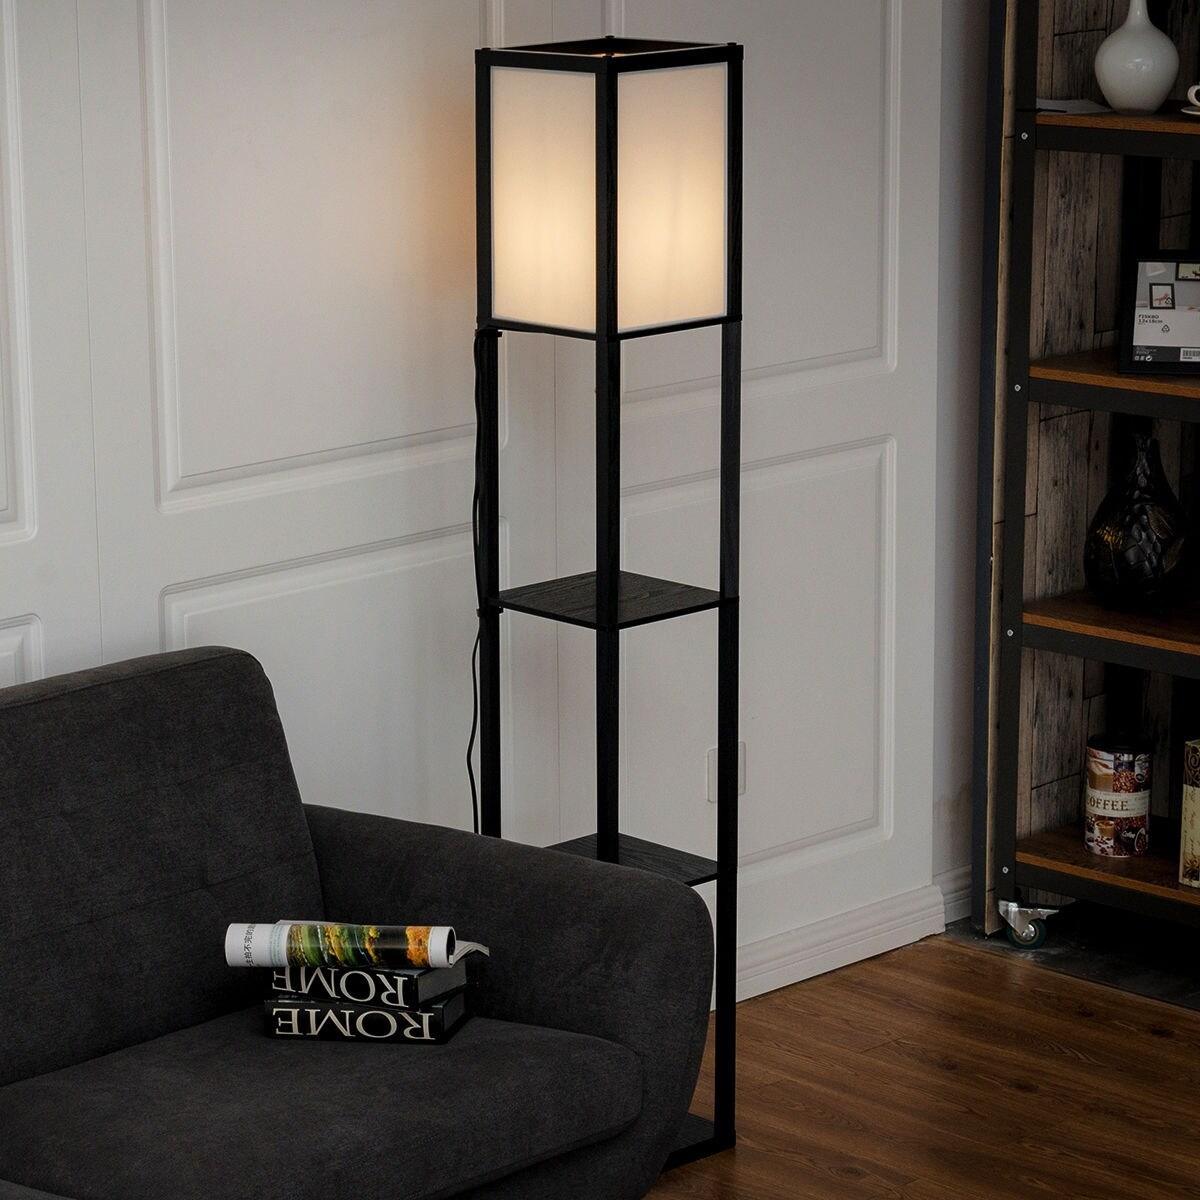 Shop Costway Modern Shelf Floor Lamp Lighting Home Living Room w/ 3 ...